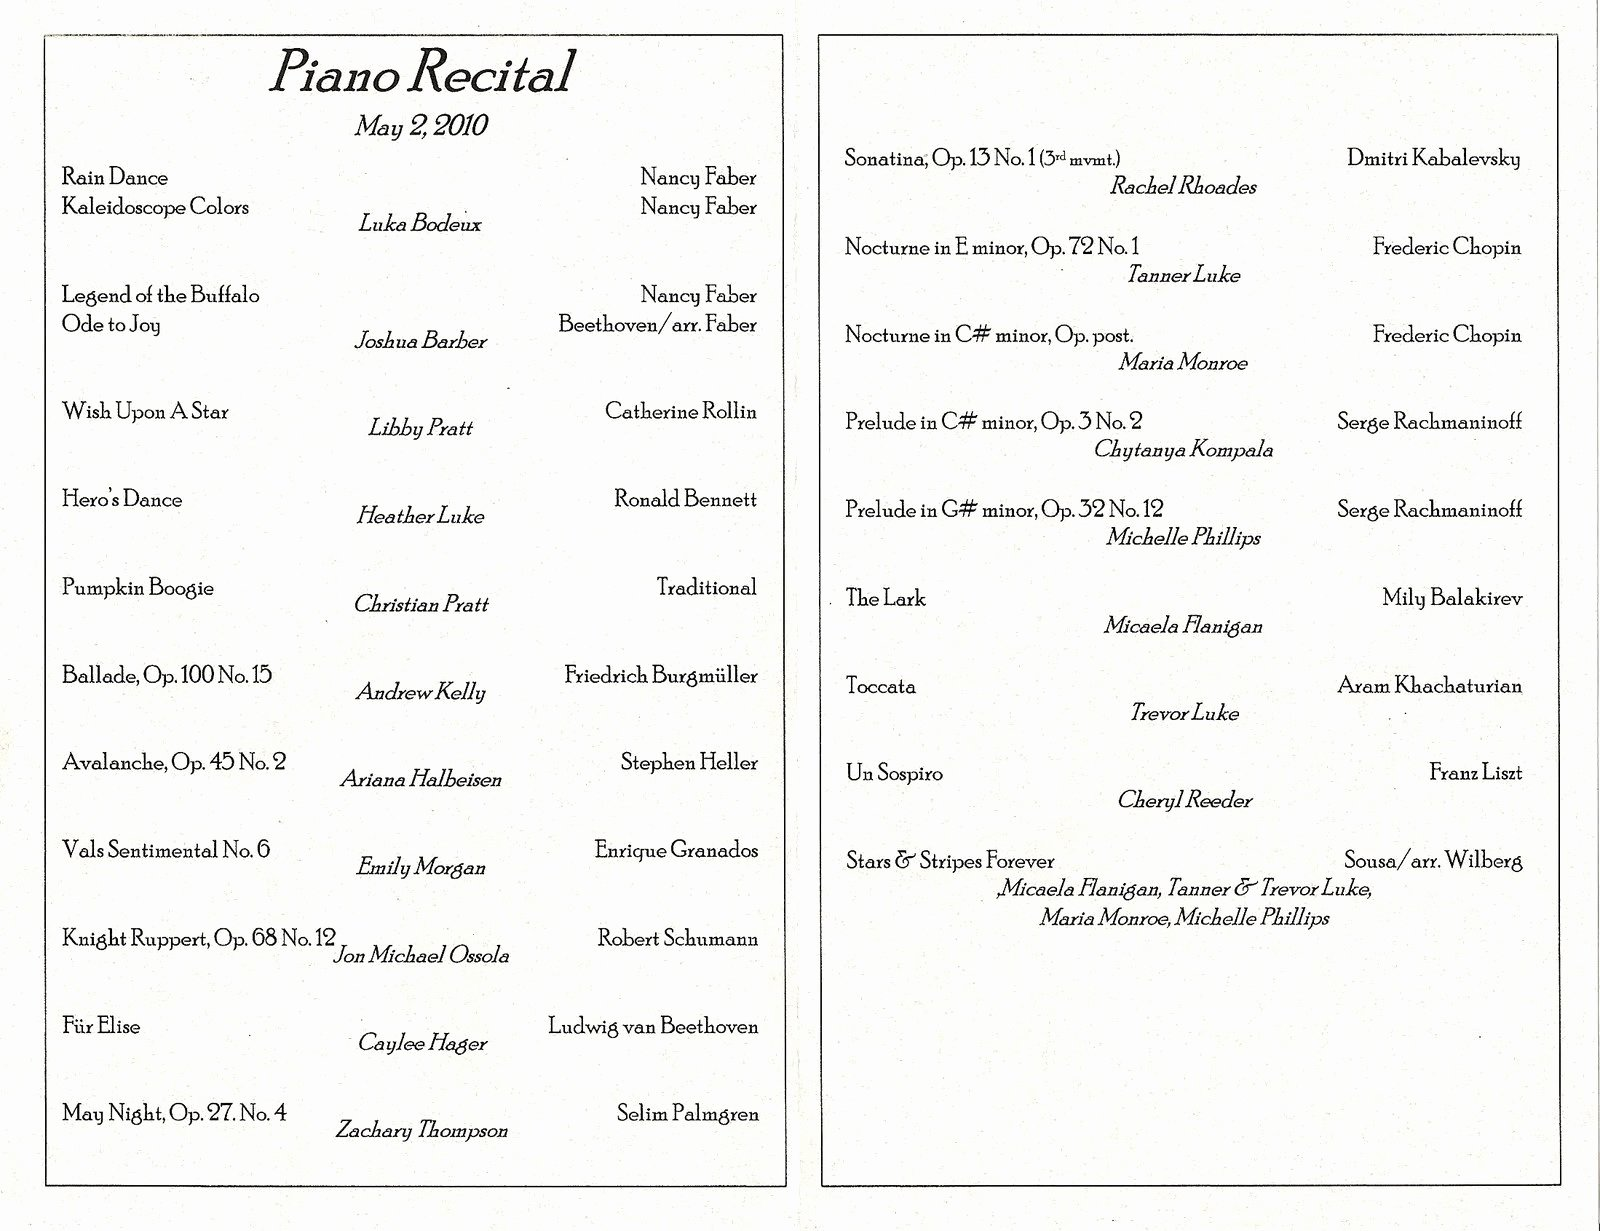 Concert Program Template Free Fresh Christmas Piano Recital Program Template – Festival